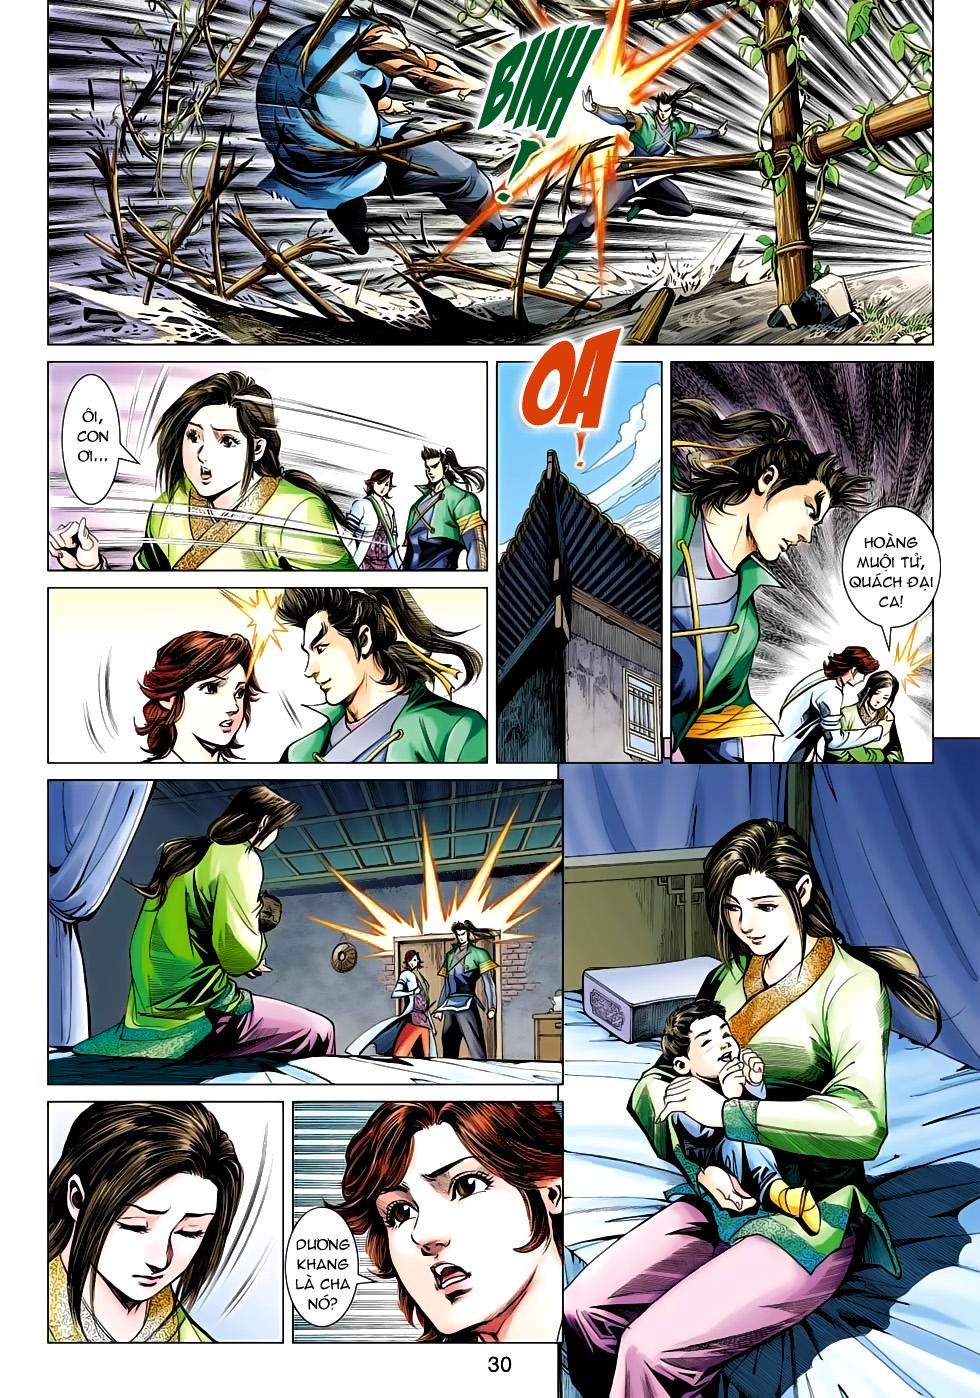 Xạ Điêu Anh Hùng Truyện chap 100 – End Trang 30 - Mangak.info